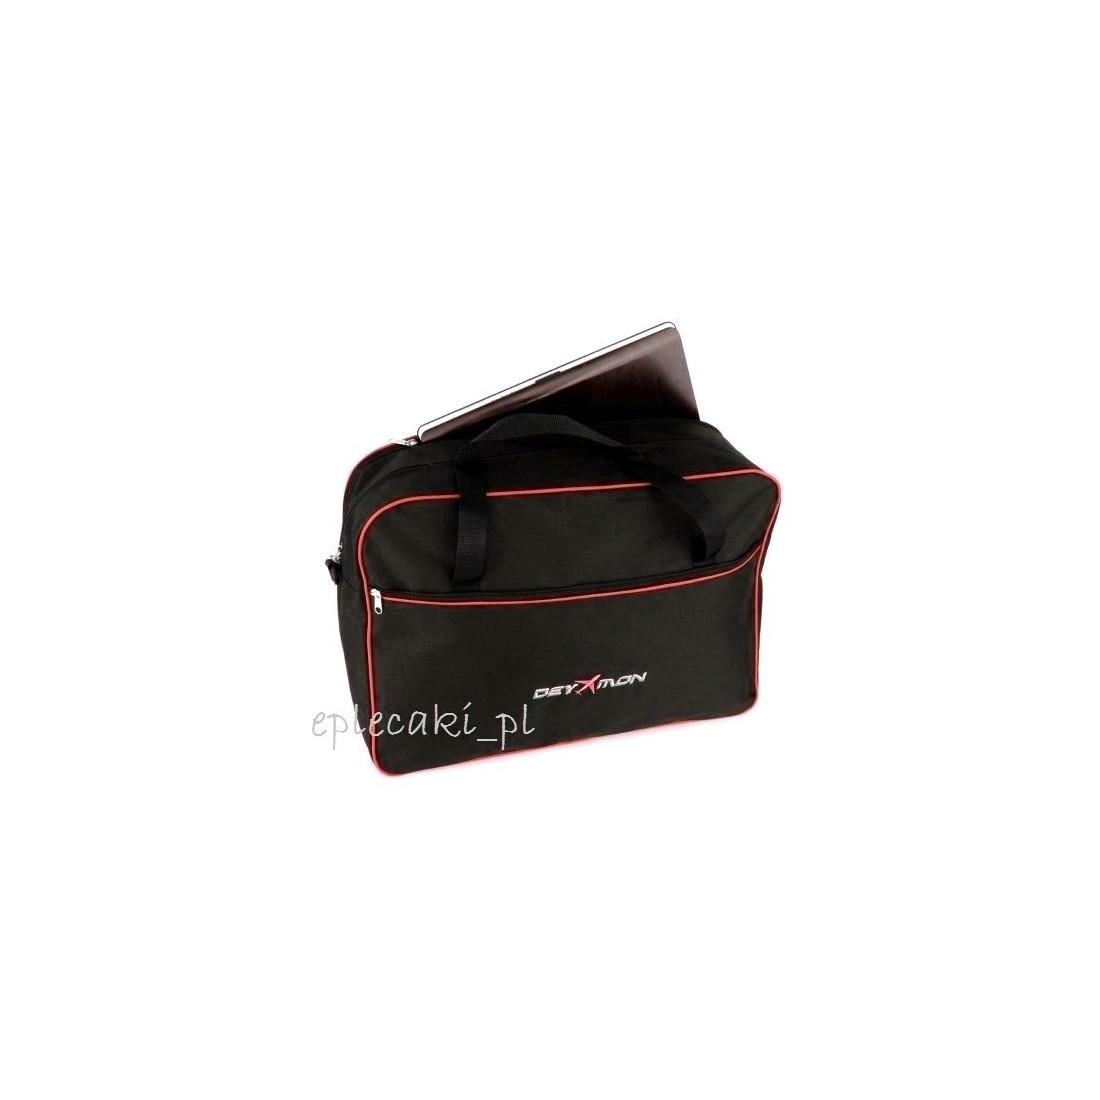 Torba - bagaż podręczny Ryanair 55x40x20cm + kieszeń na leptop - czerwona